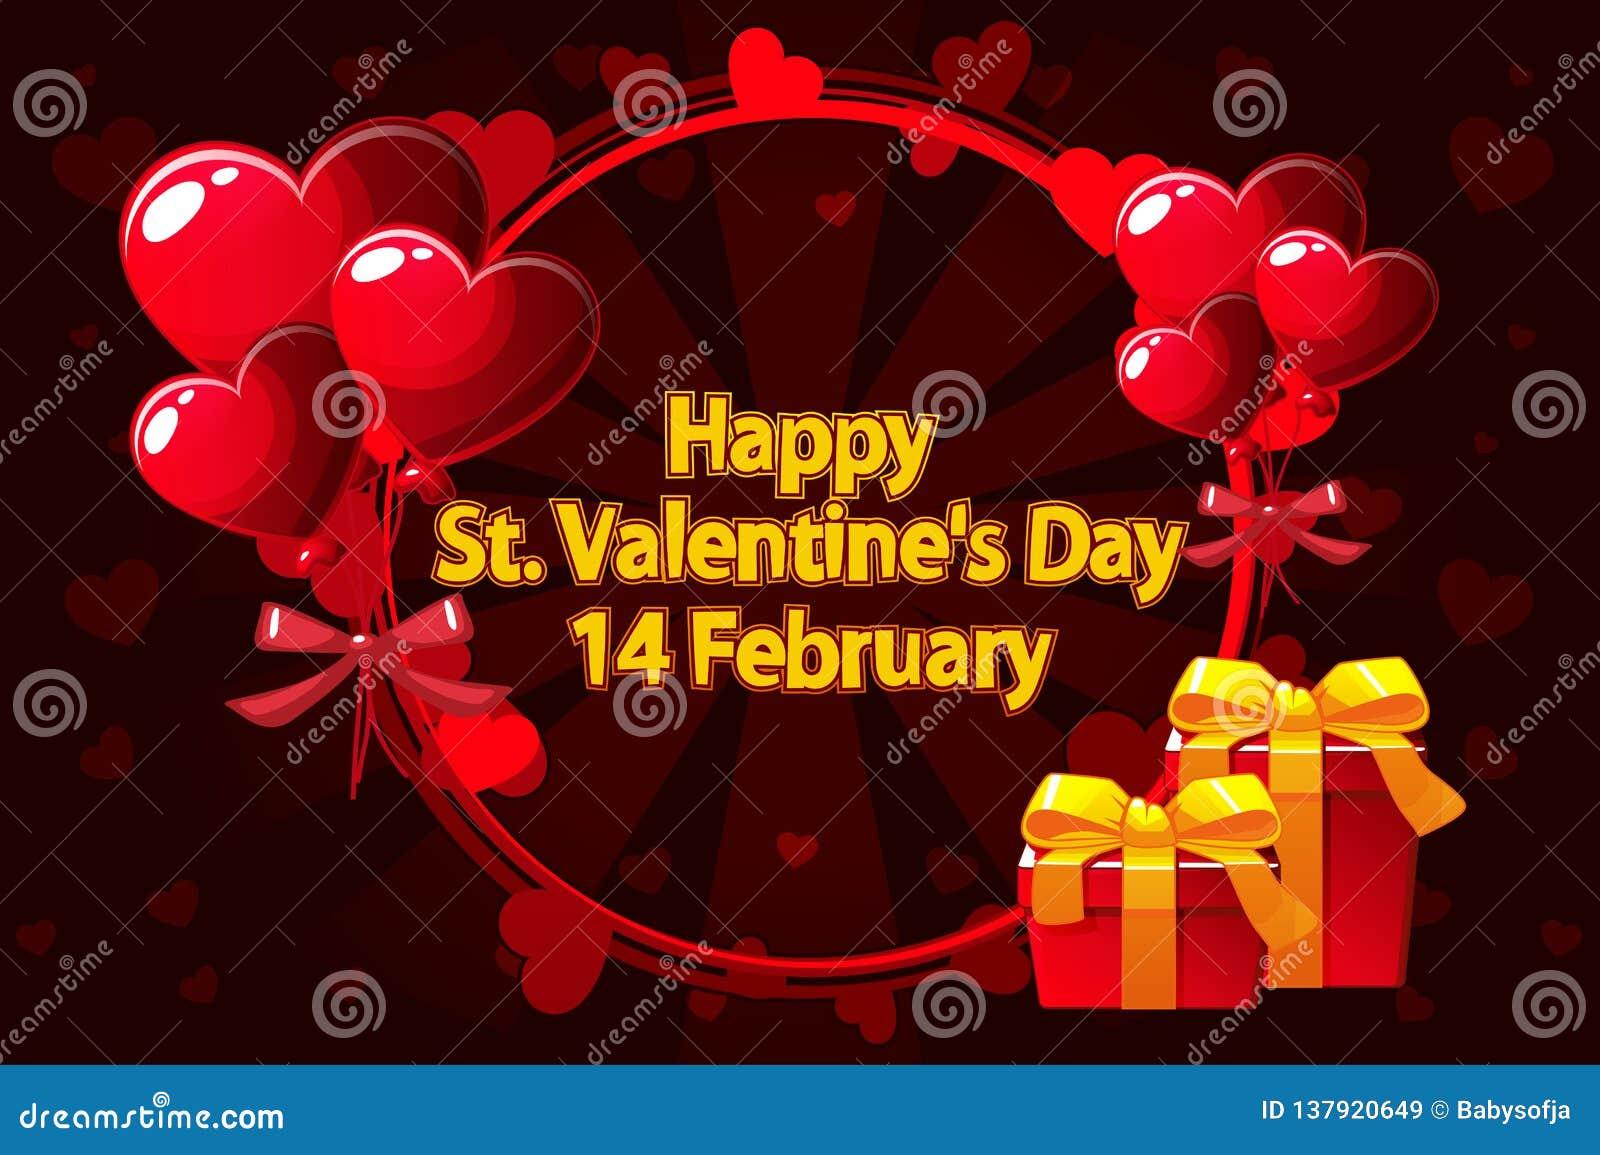 Grinalda romântica para Saint Valentine Day, convites do casamento, o nascimento de uma menina, cartões, cartaz Vetor